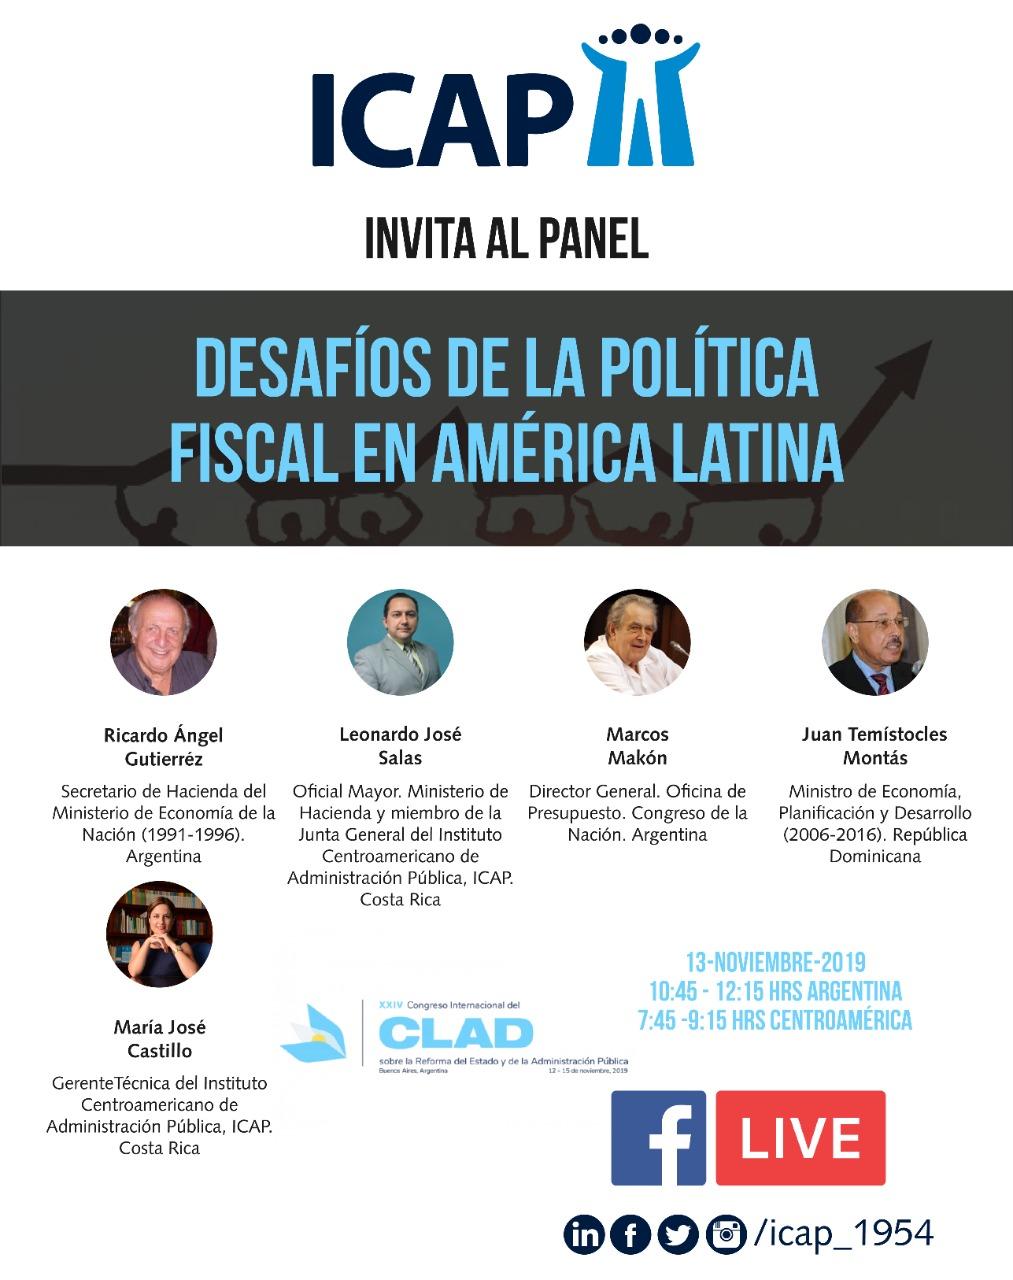 ICAP ofrecerá panel estratégico sobre política fiscal en el XXIV Congreso Internacional del CLAD